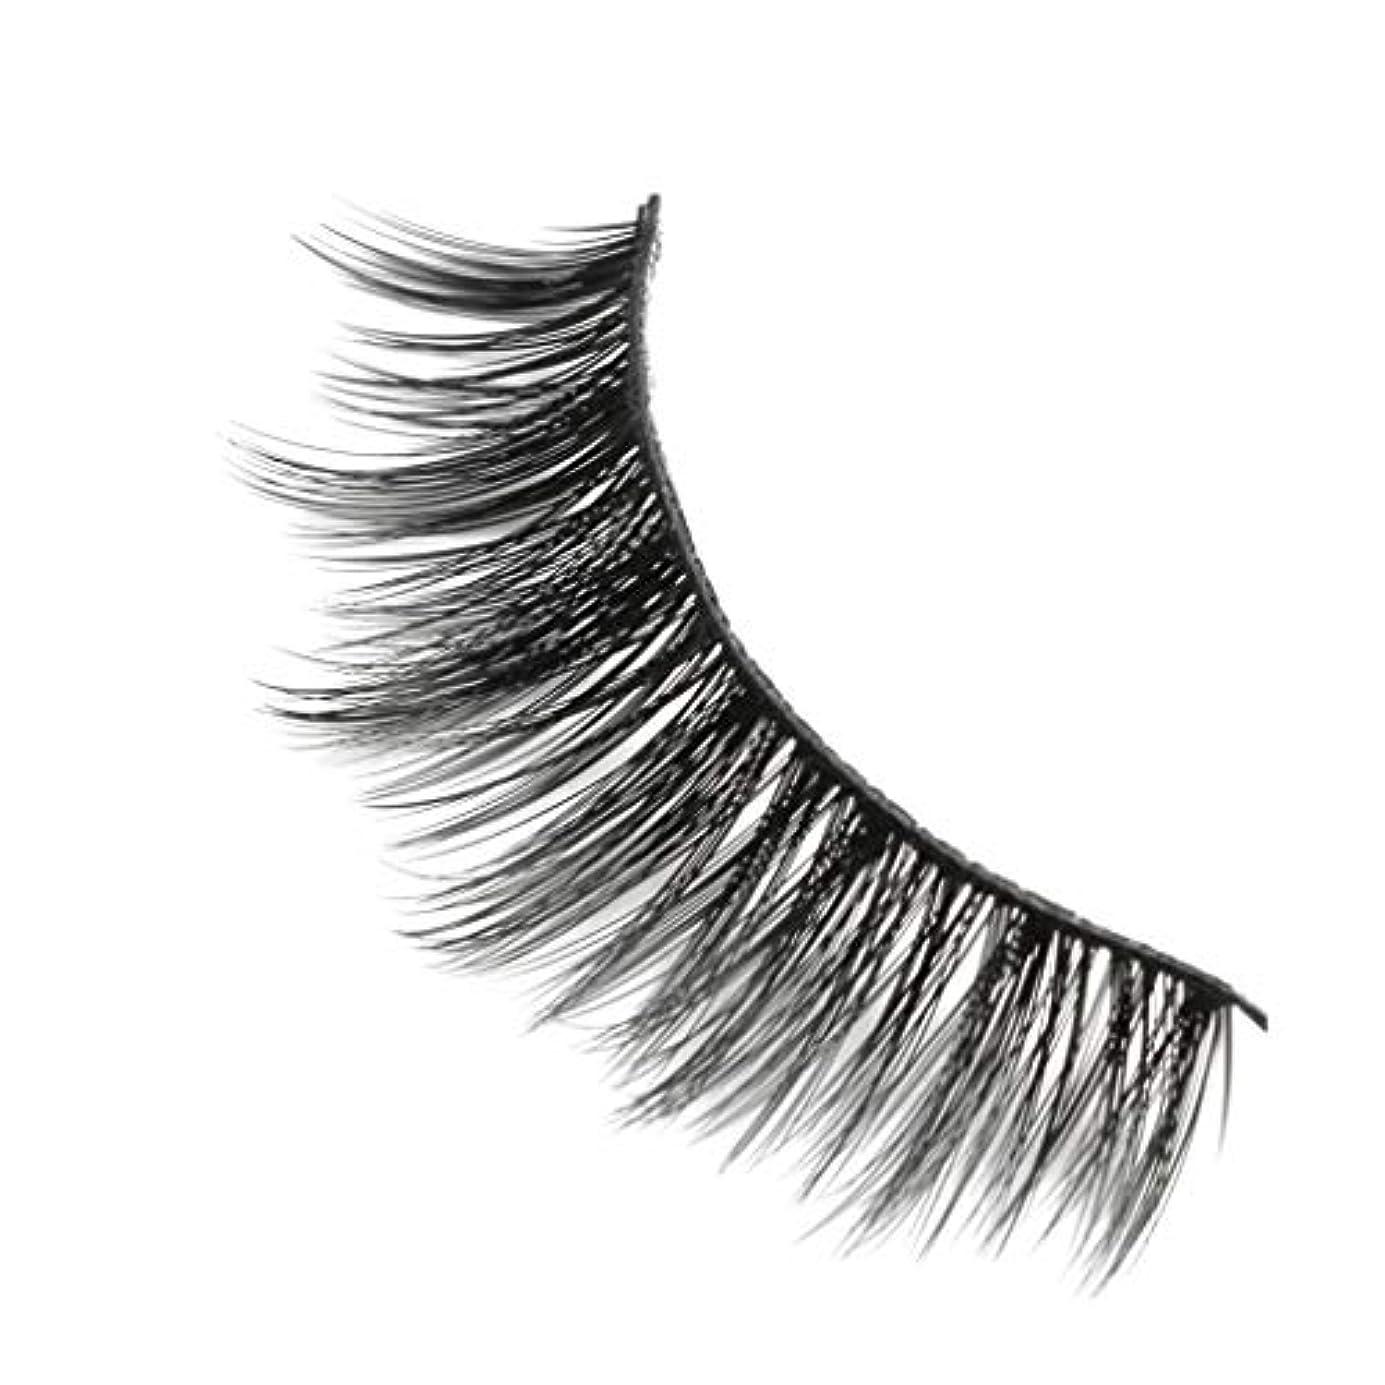 帝国透けて見えるビデオ柔らかい長い巻き毛と歪んだ多くの層まつげと3Dミンクの毛皮の10ペア